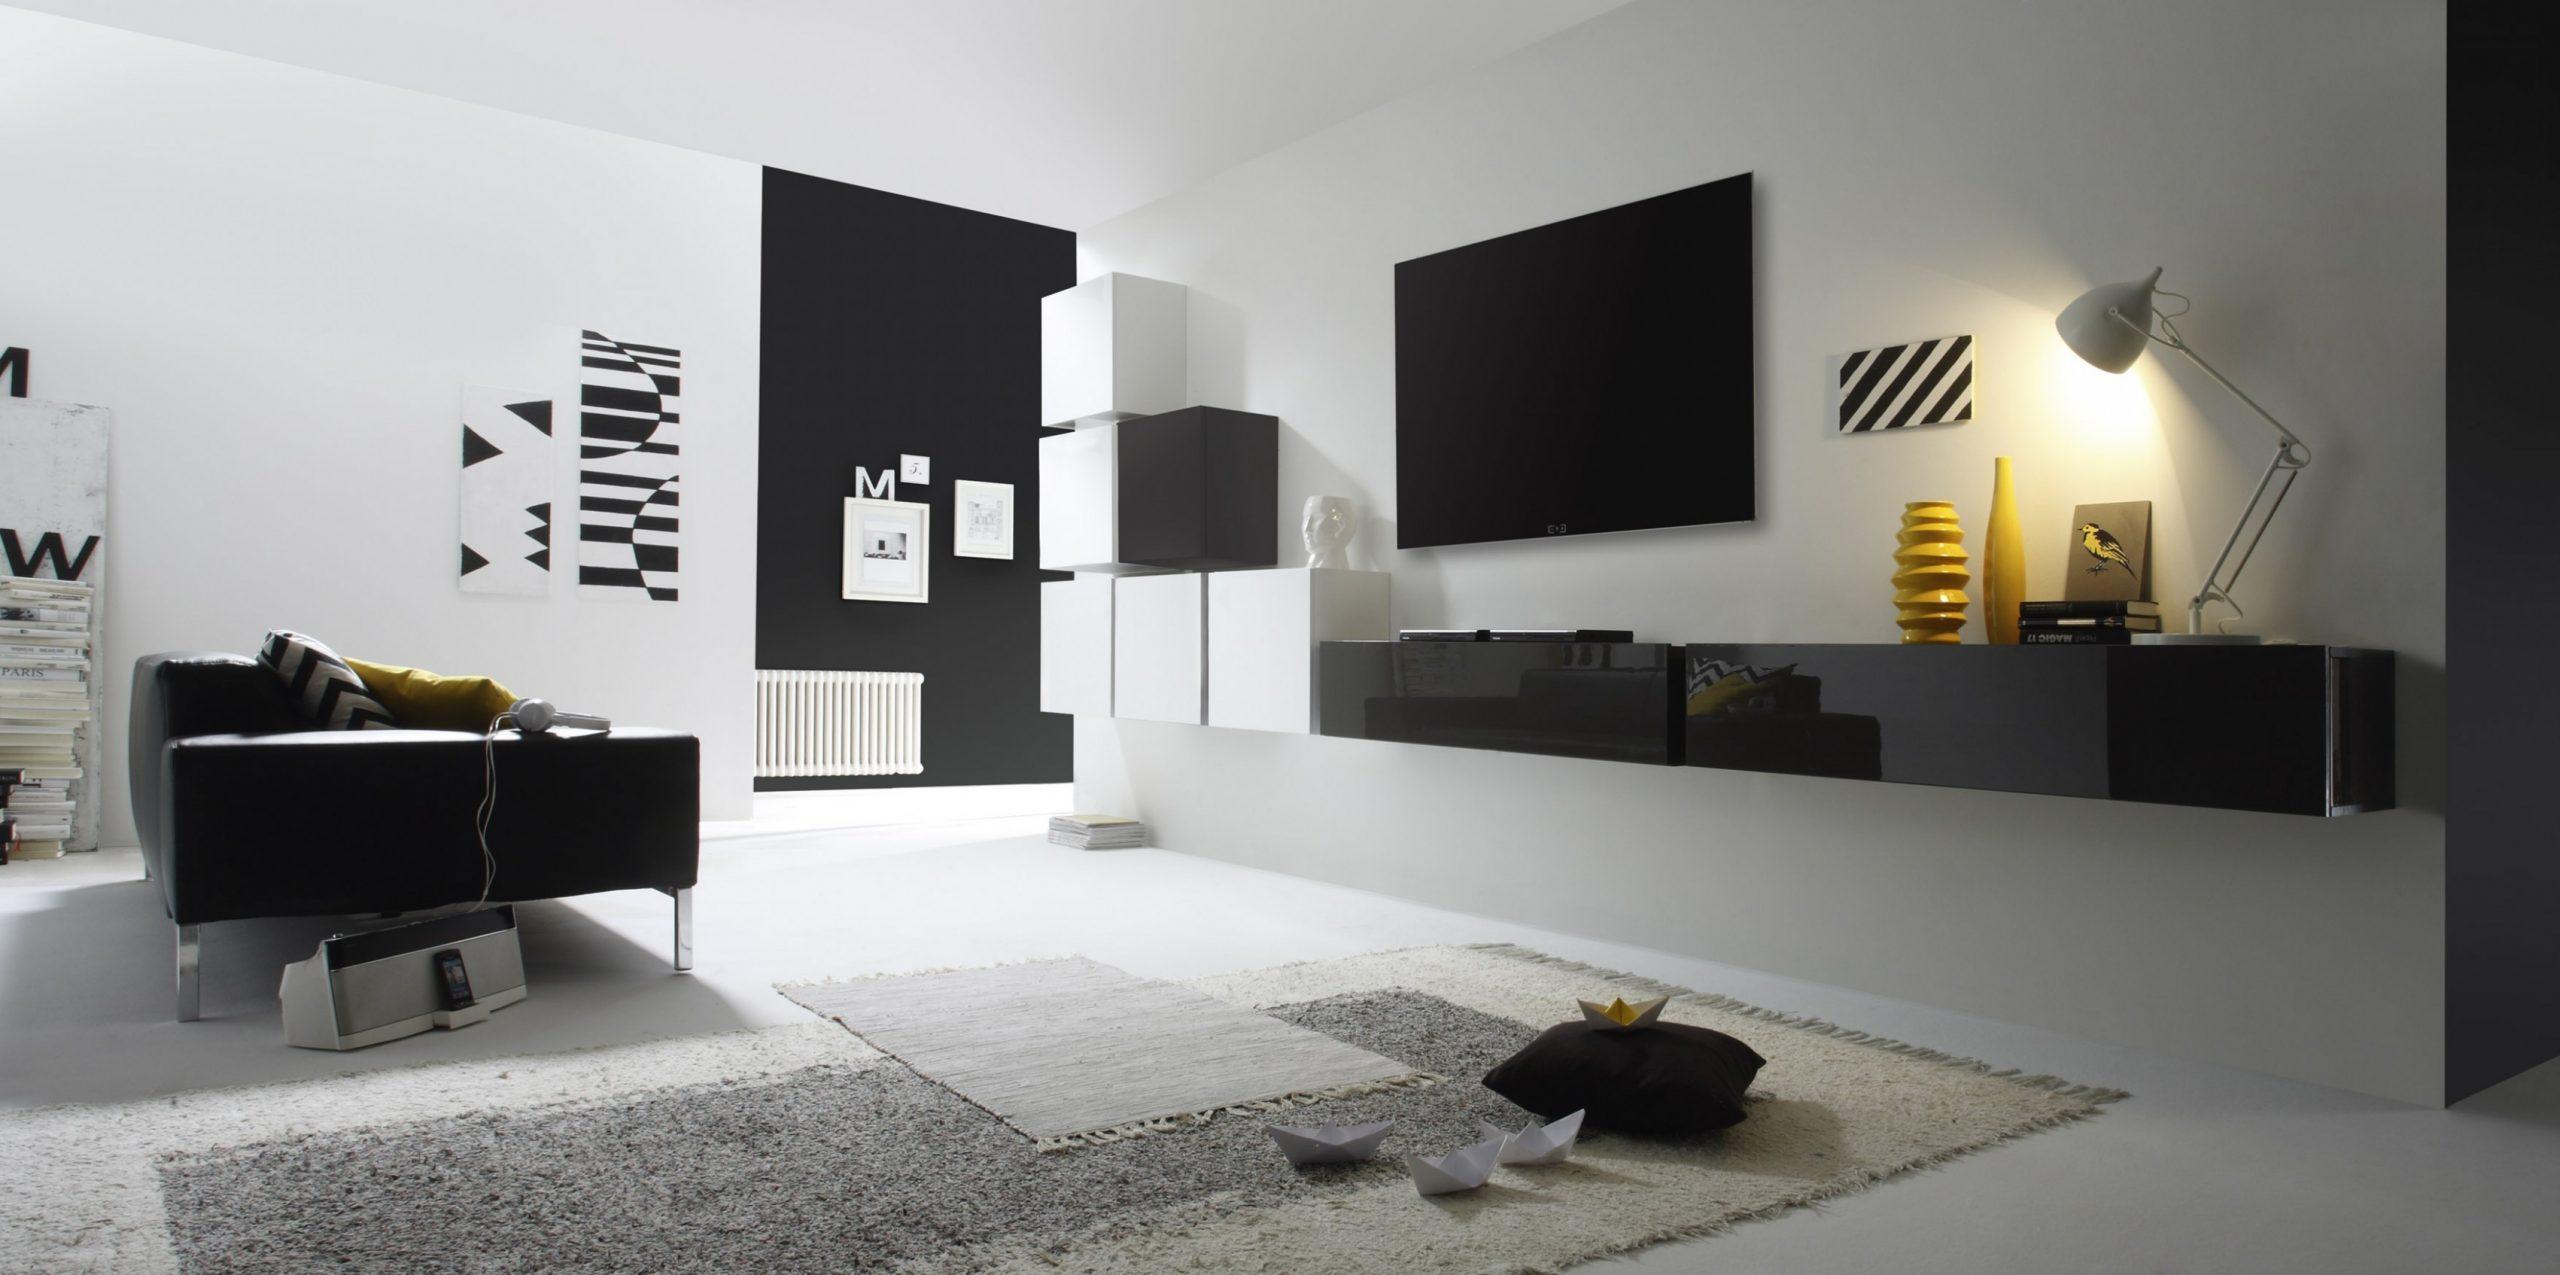 Moderní a kvalitní obývací stěny - Recenze produktů